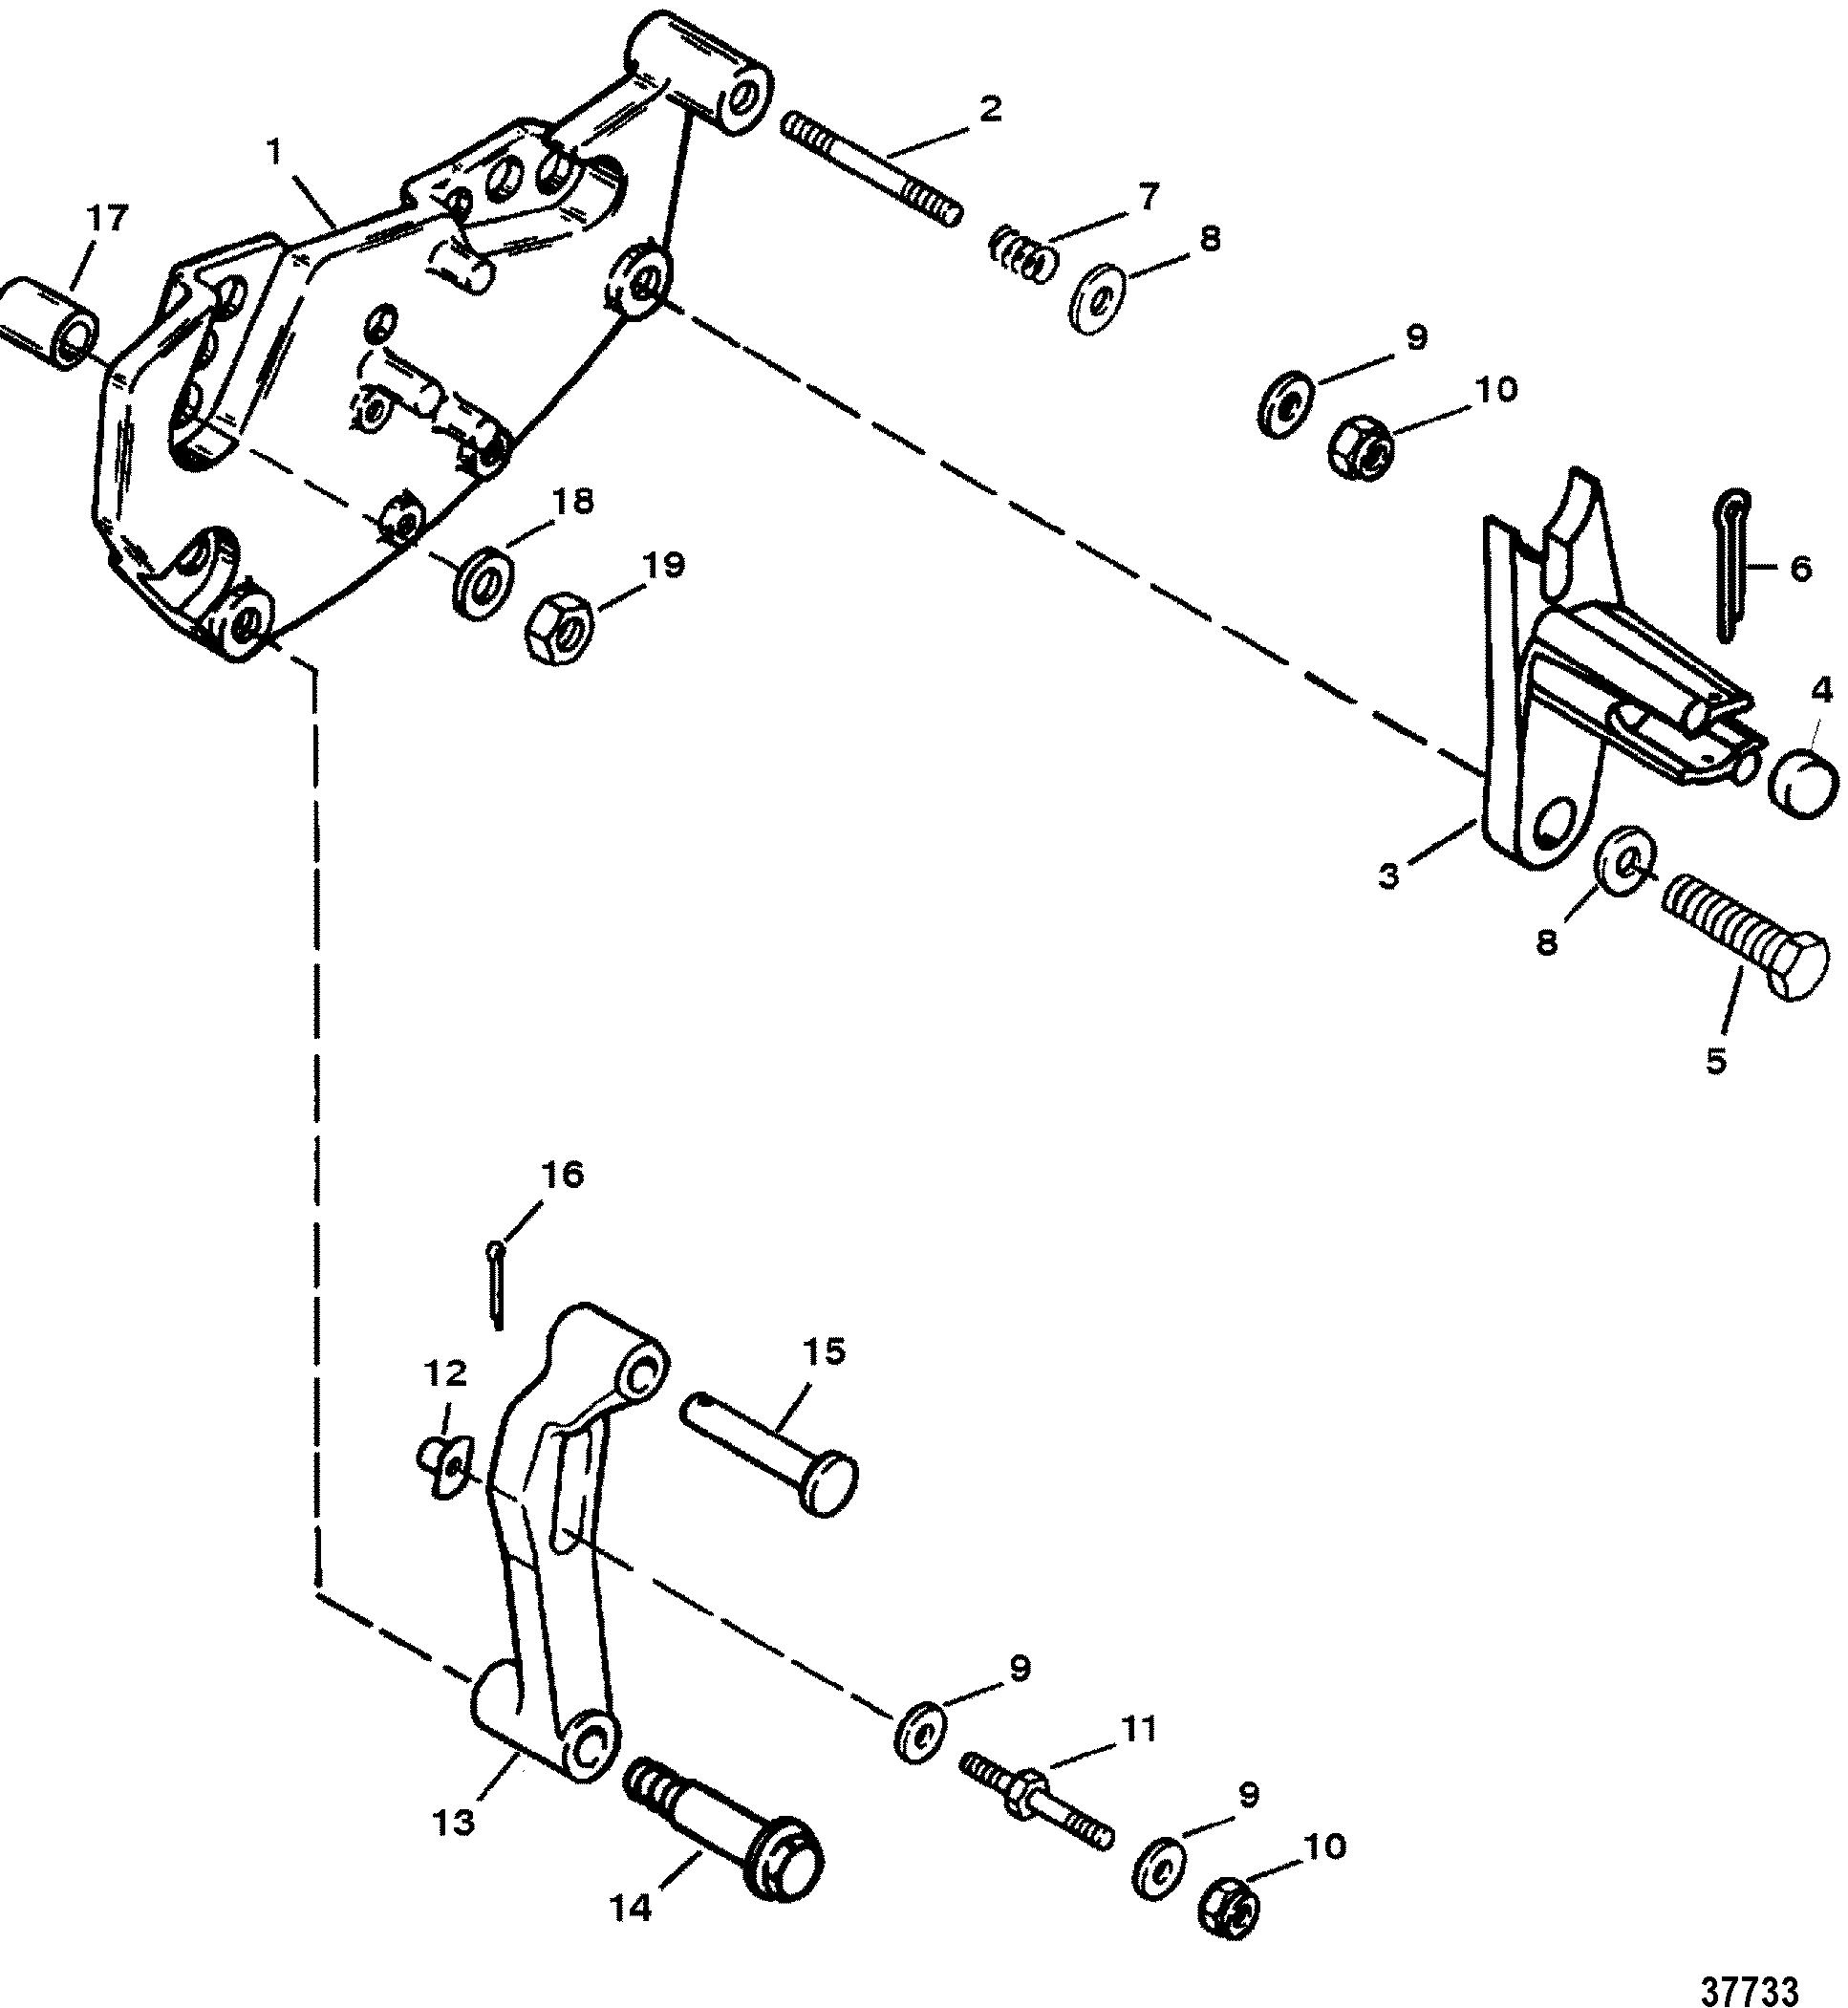 Shift Bracket For Mercruiser 7 4l 454 Mag Bravo Gen V